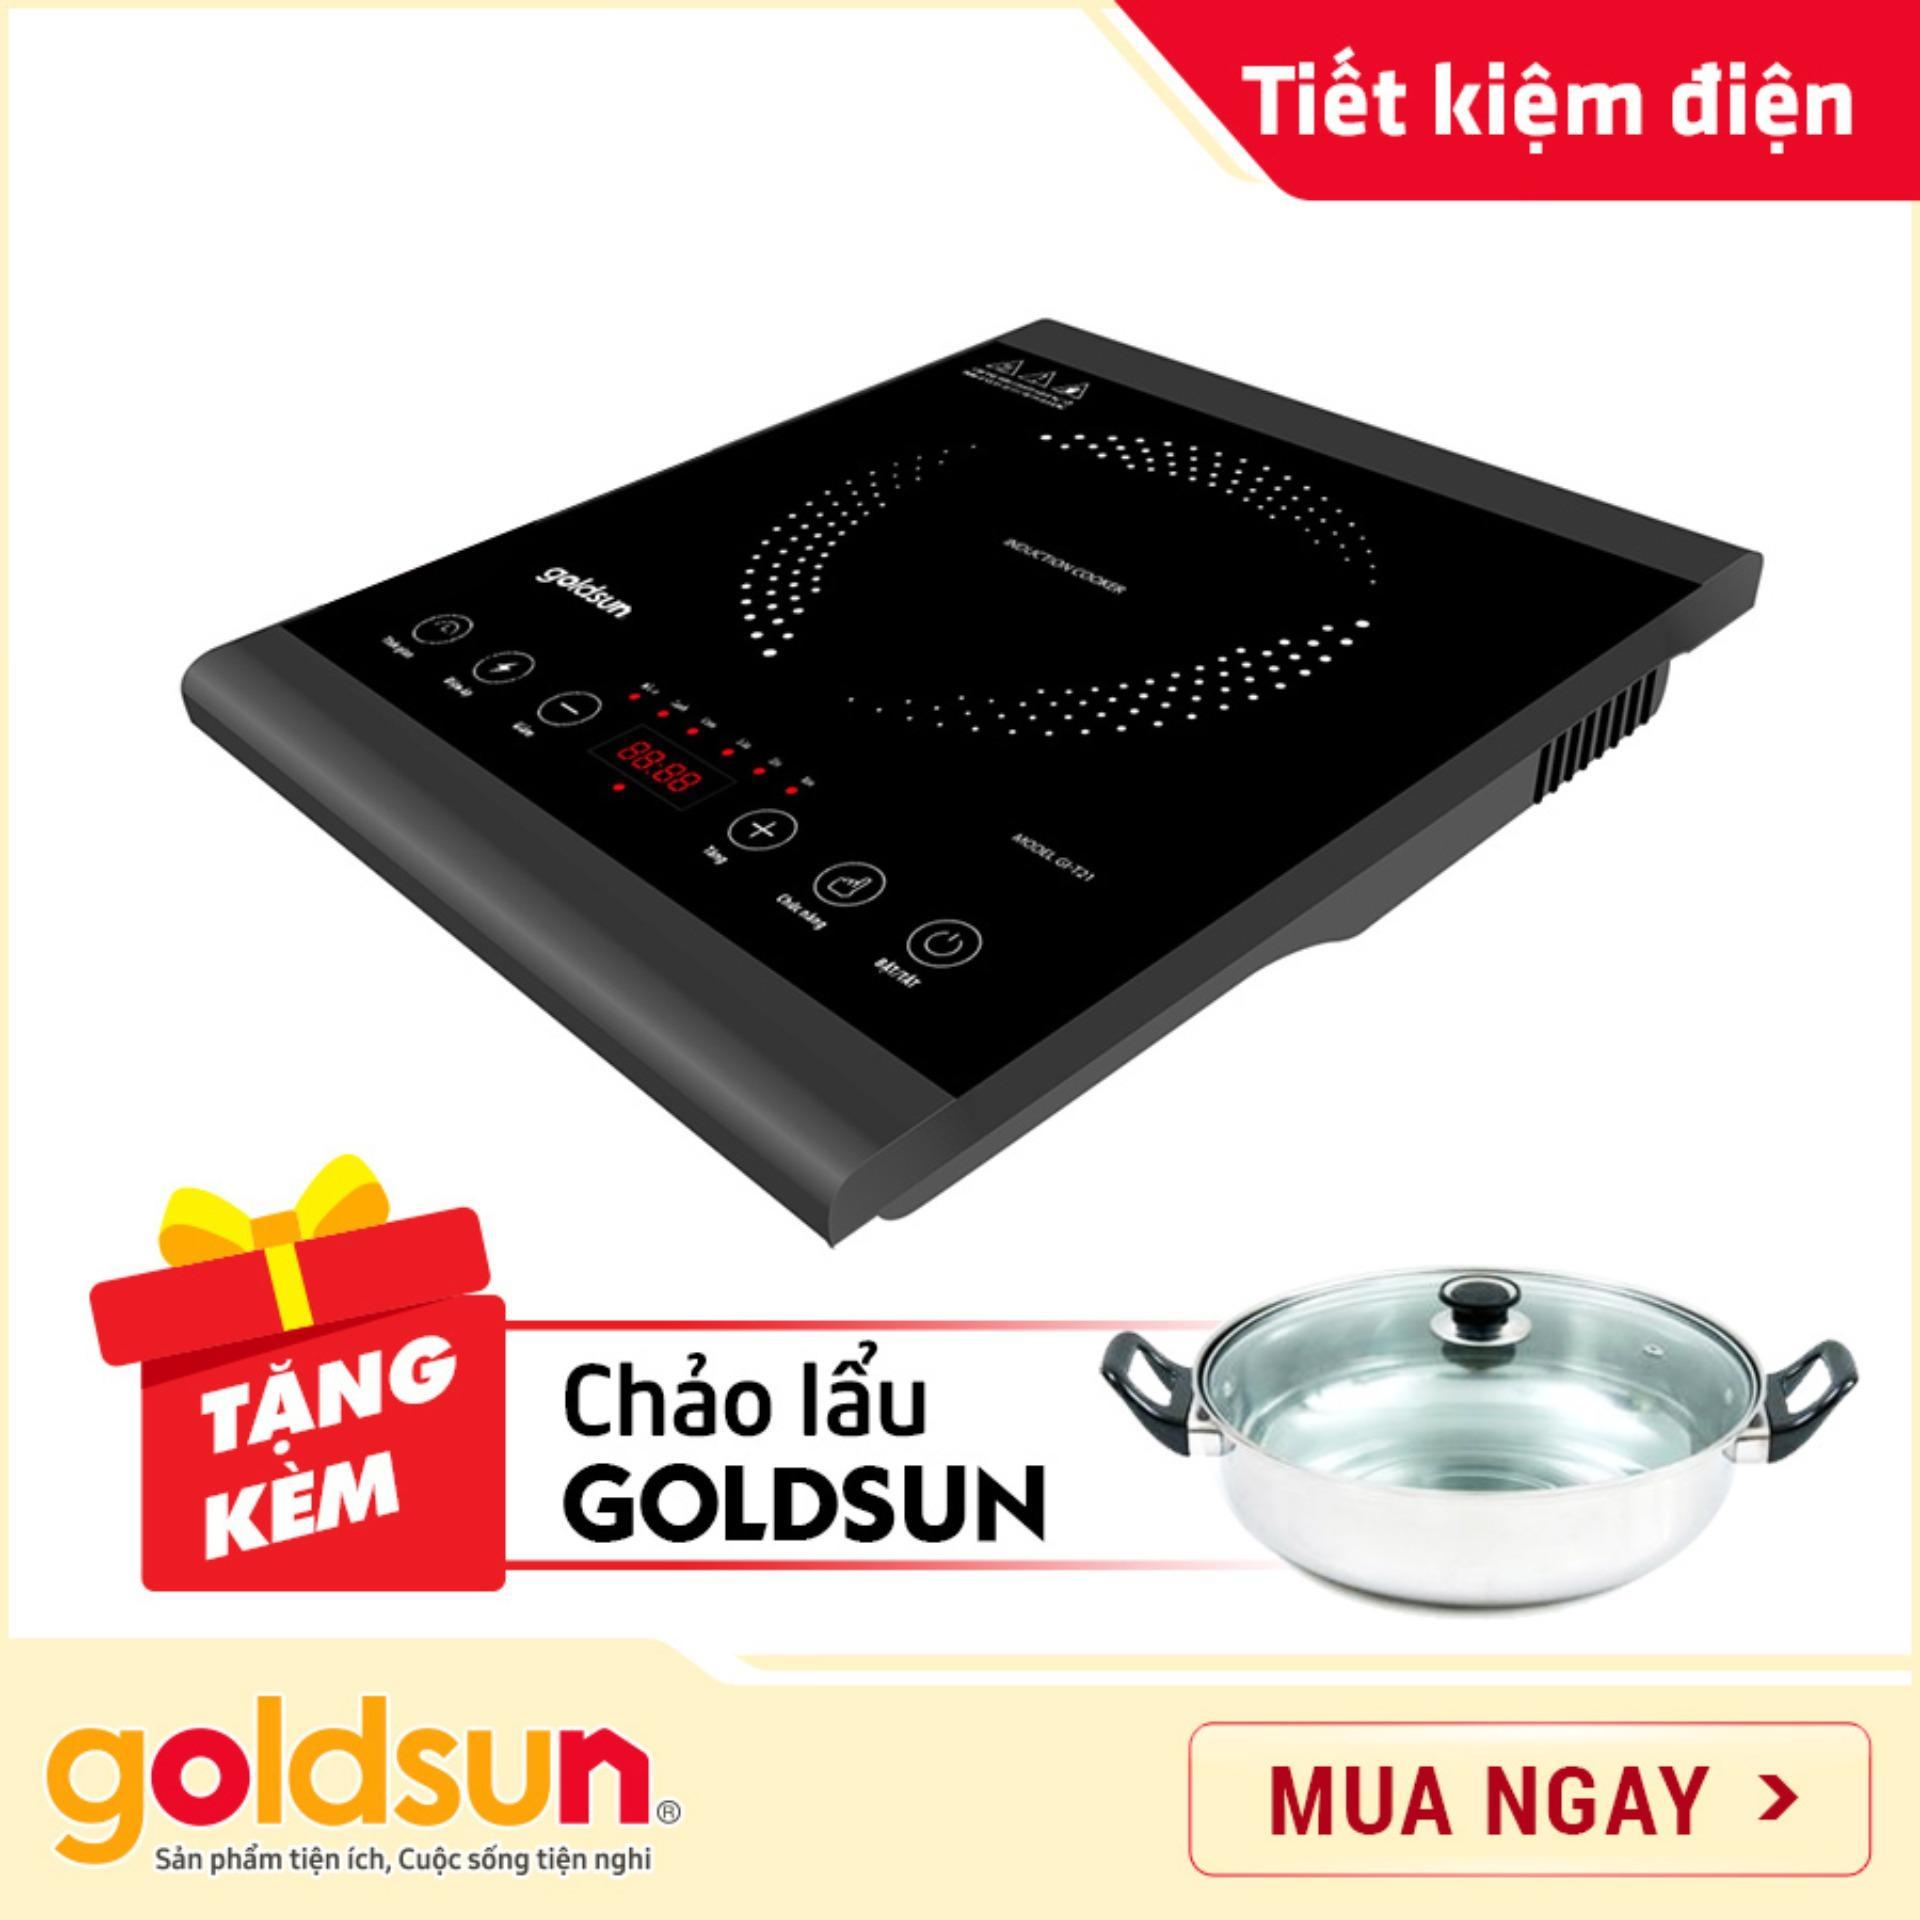 Giá Quá Tốt Để Có Bếp điện Từ Goldsun GI-T21 - Mặt Cảm ứng - Công Suất  1400W - Bảo Hành Toàn Quốc 1 Năm - Tặng Nồi Lẩu đa Năng